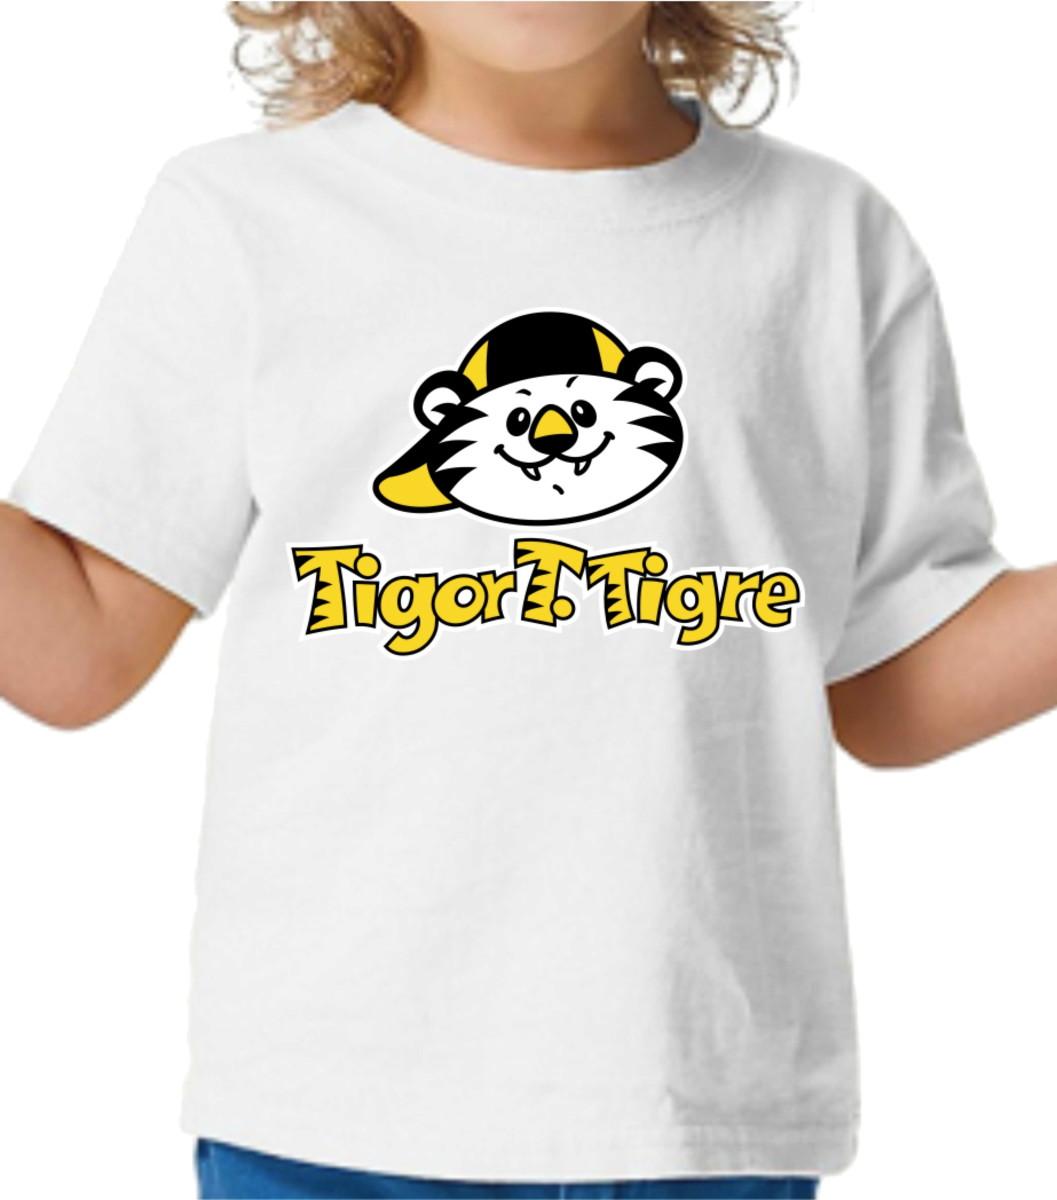 4f907df730 Camiseta Tigor T. Tigre no Elo7